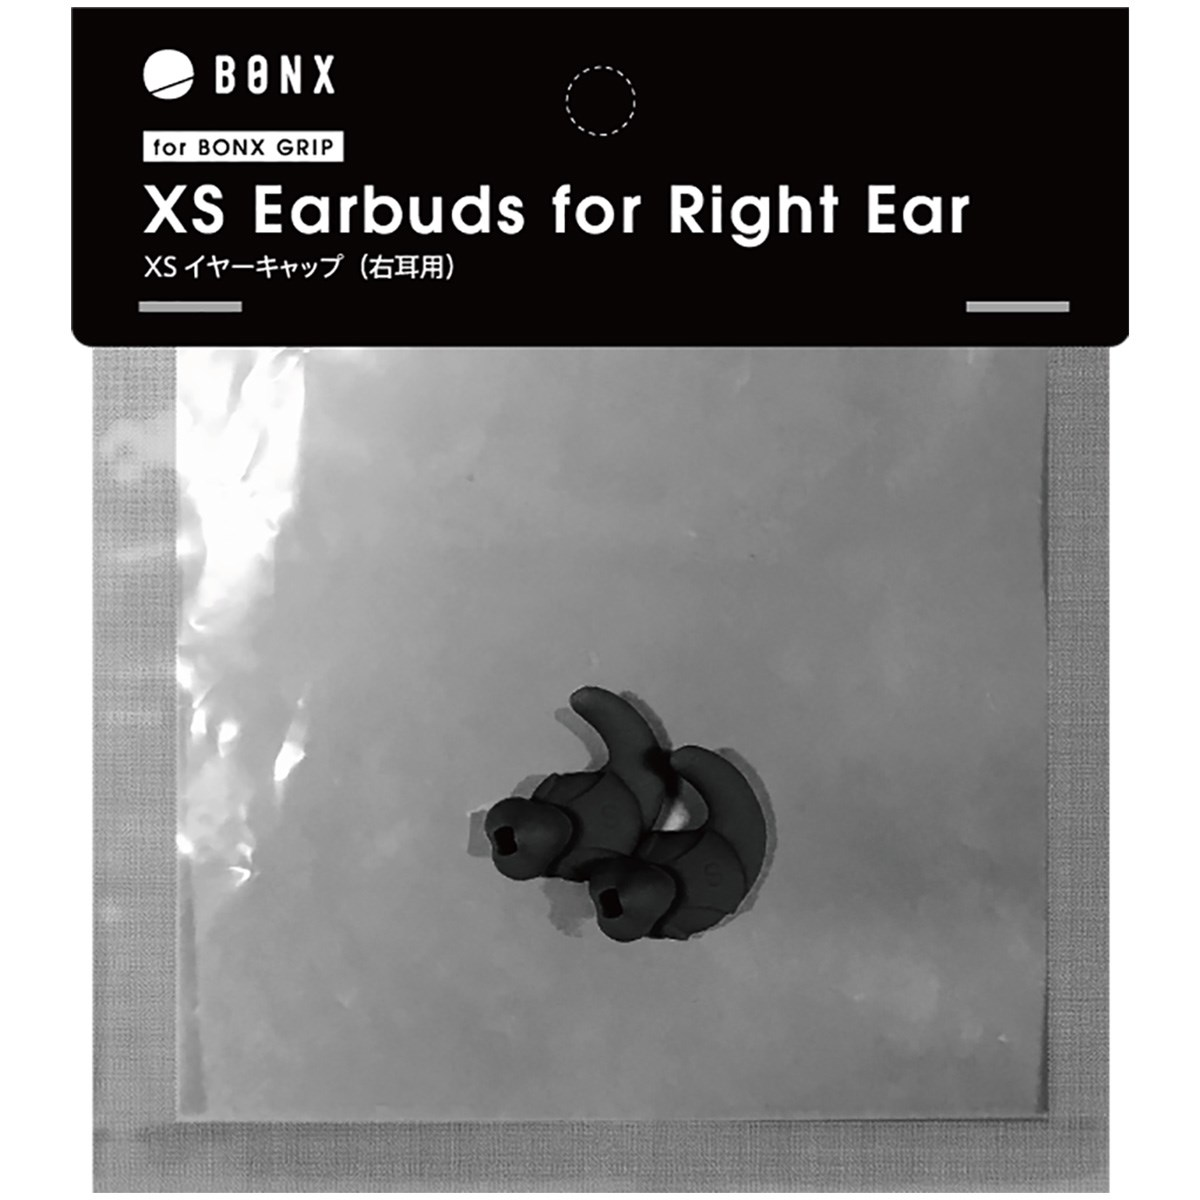 ボンクス BONX Grip 右耳イヤーキャップ XS